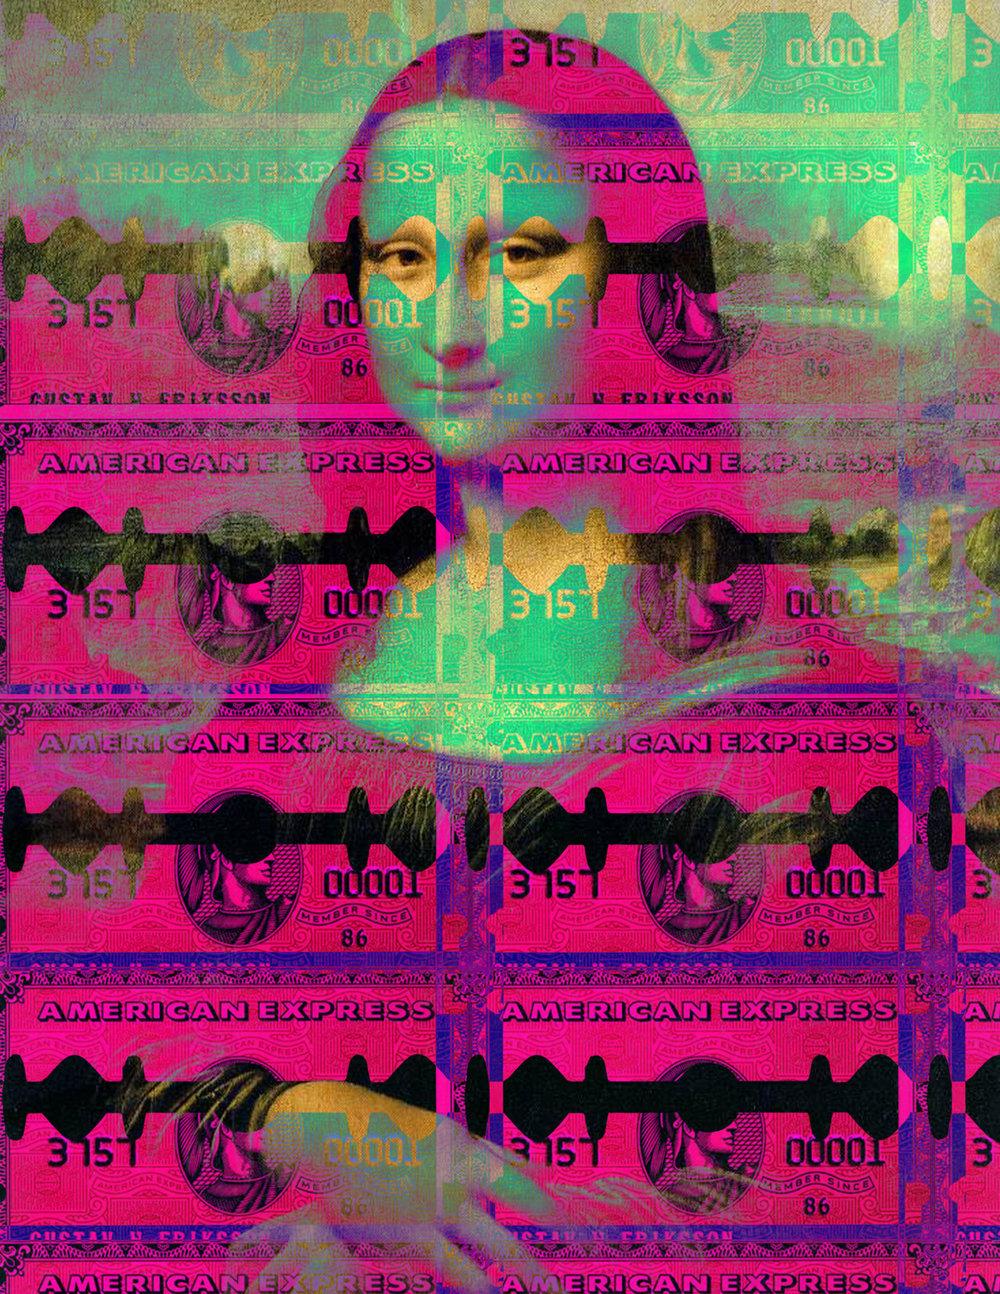 tumblr_lz65z1tYDM1qgyksxo3_1280.jpg